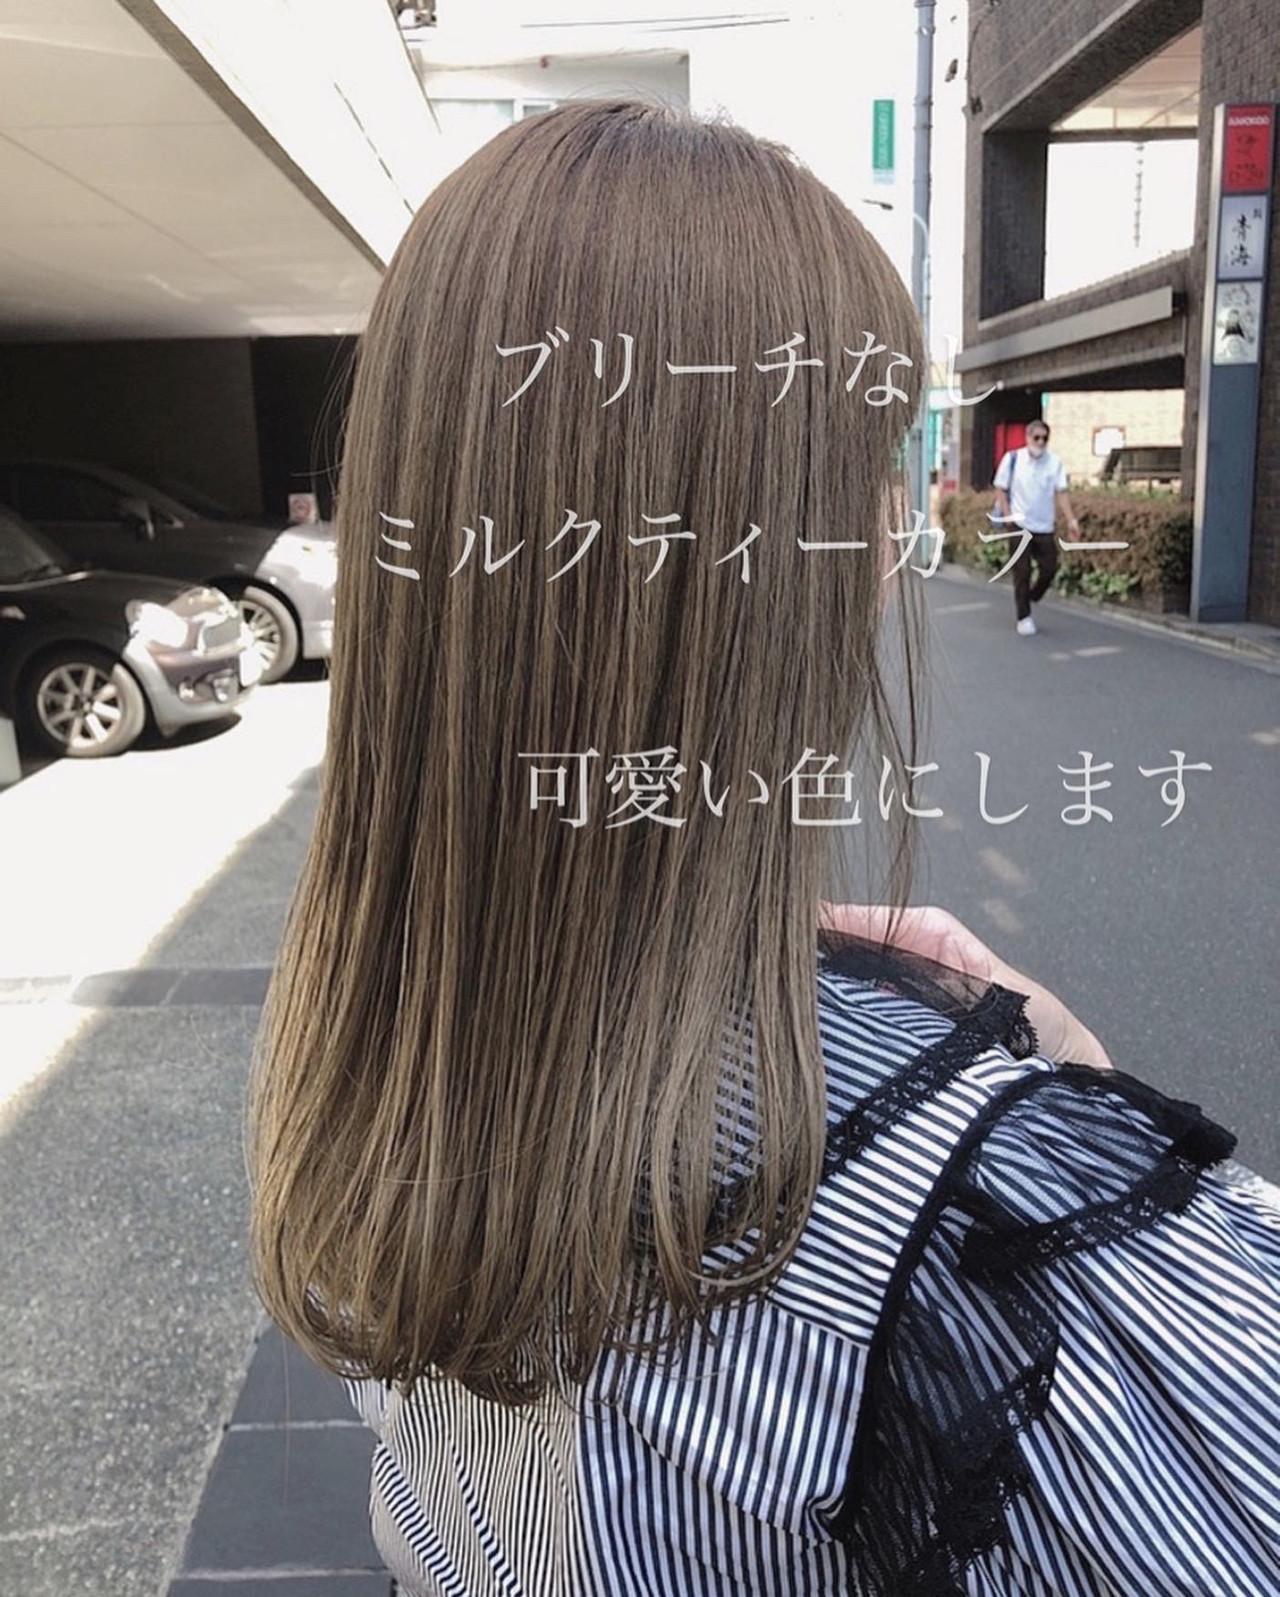 ナチュラル ミルクティーベージュ ミディアム ミルクティーブラウン ヘアスタイルや髪型の写真・画像